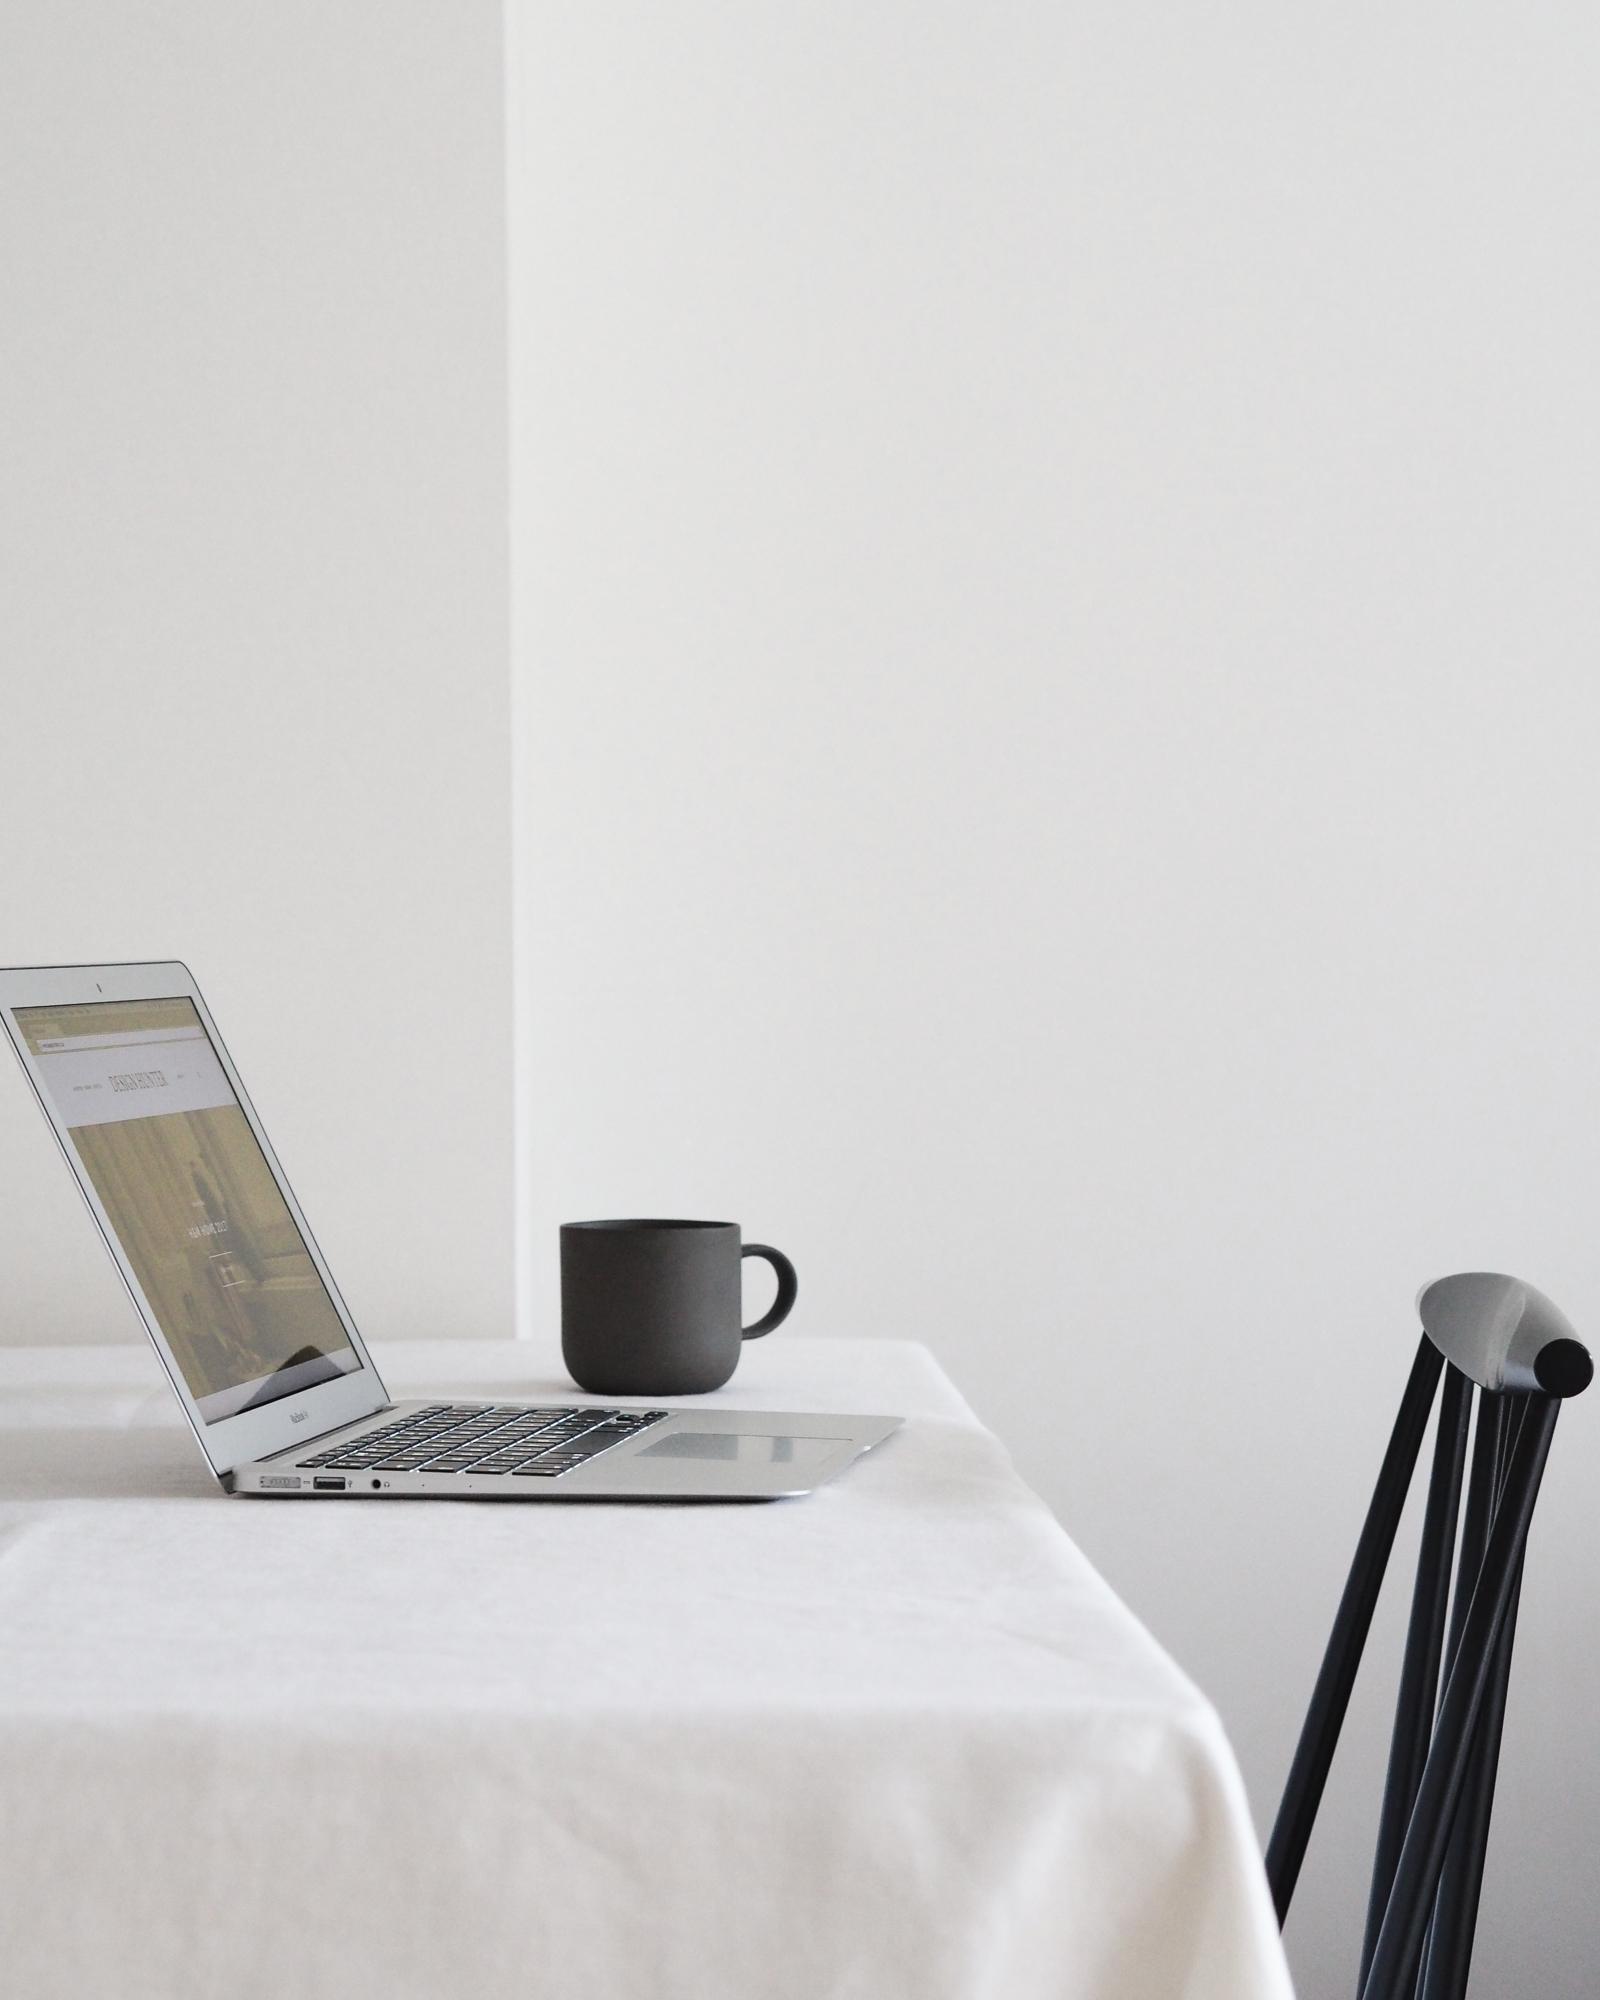 Laptop and mug on table